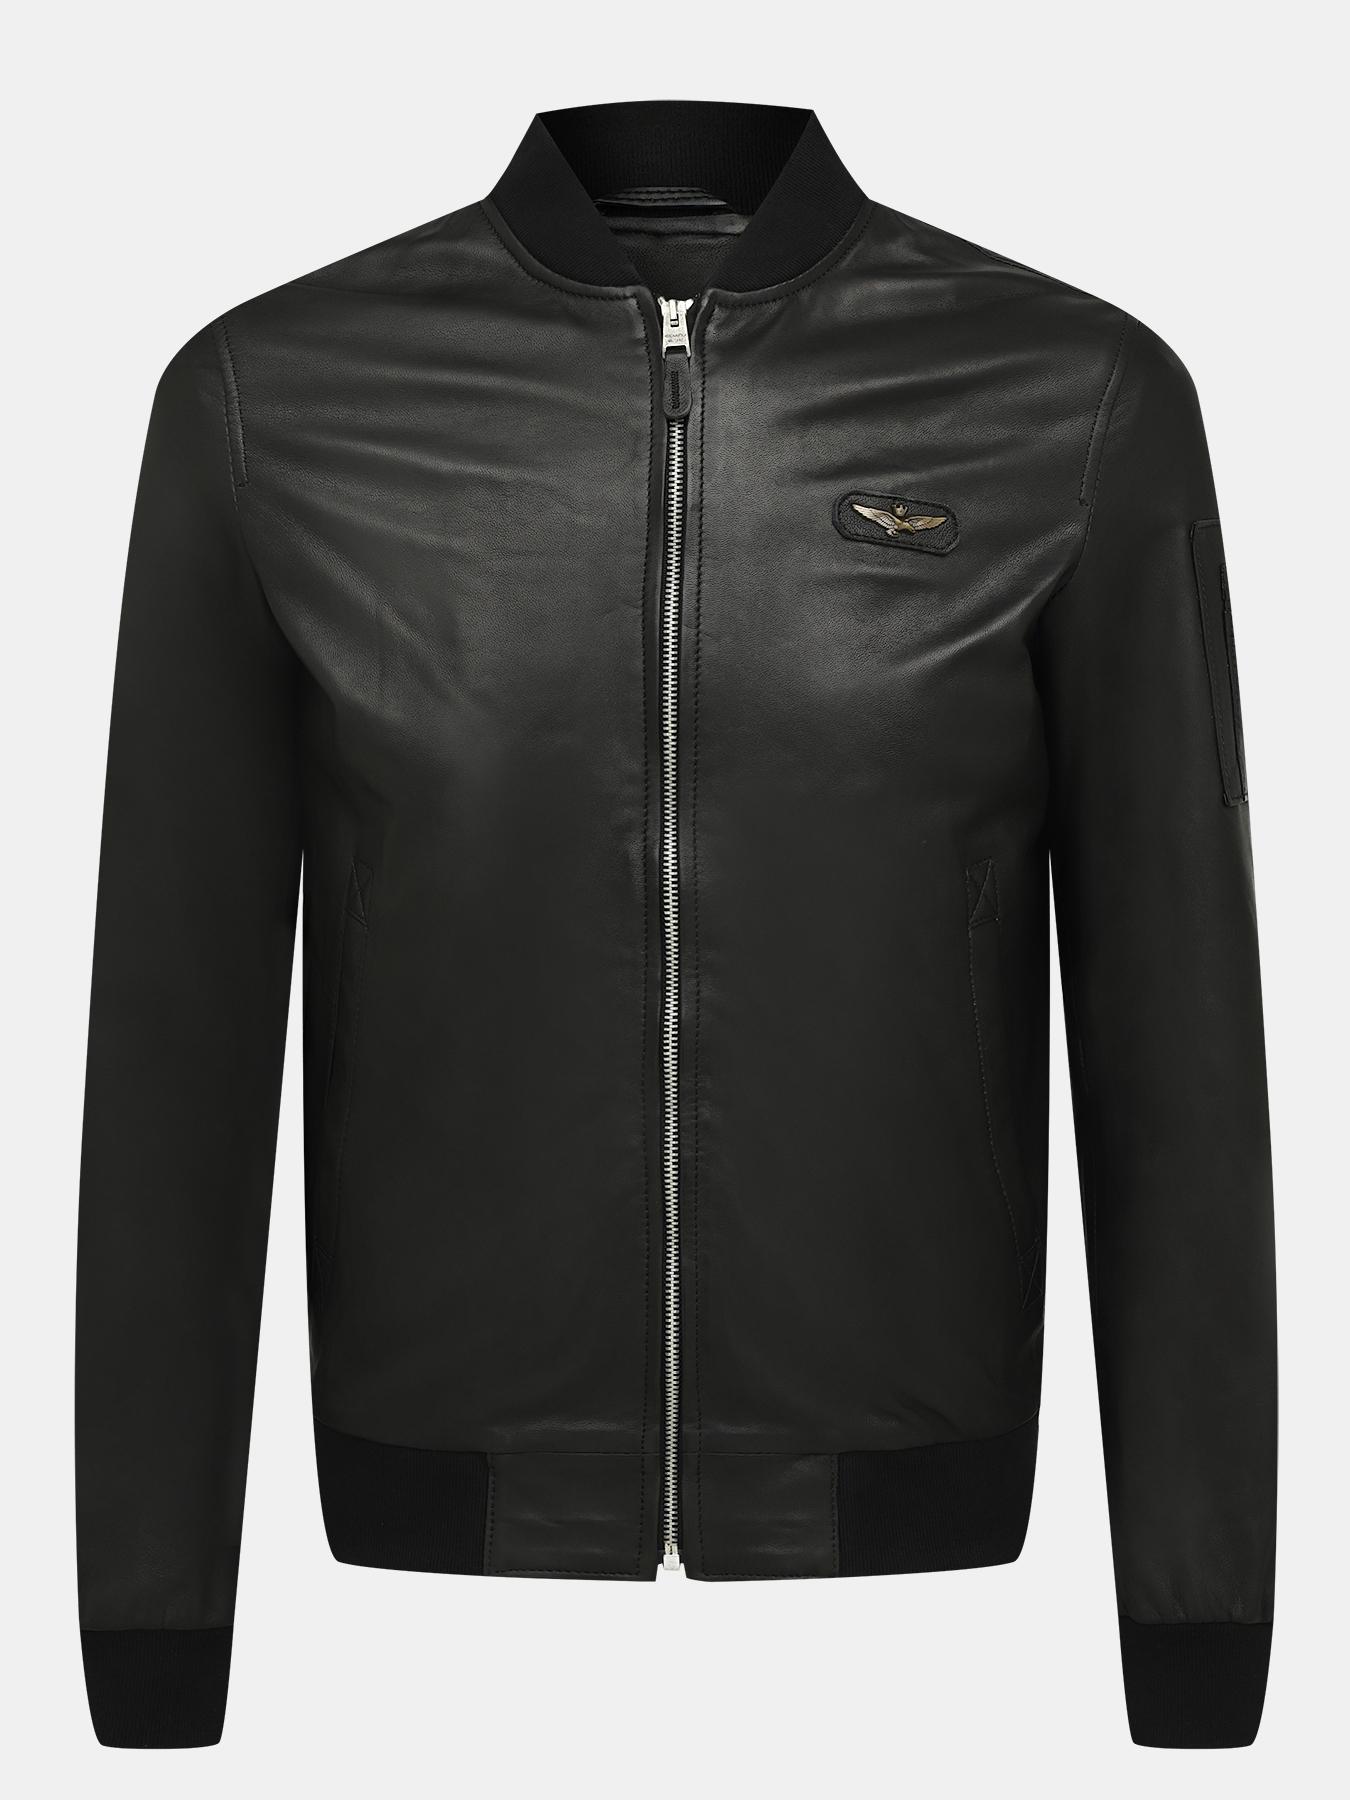 Кожаные куртки Aeronautica Militare Кожаный бомбер